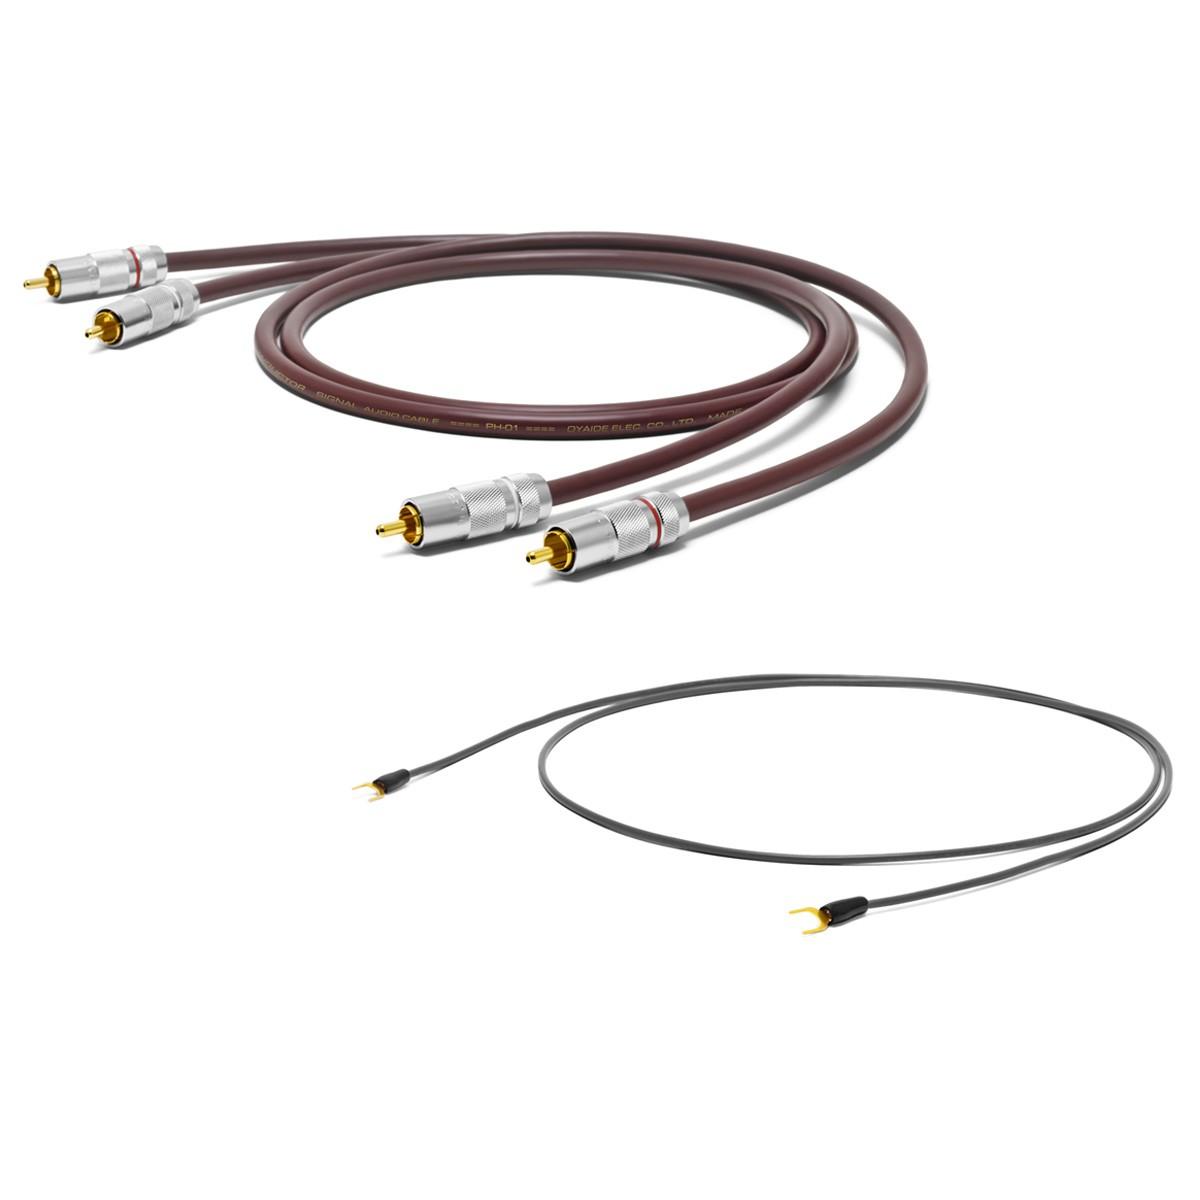 OYAIDE PH-01 RR Câble Phono RCA-RCA Cuivre 102 SSC + Câble de Masse 1m